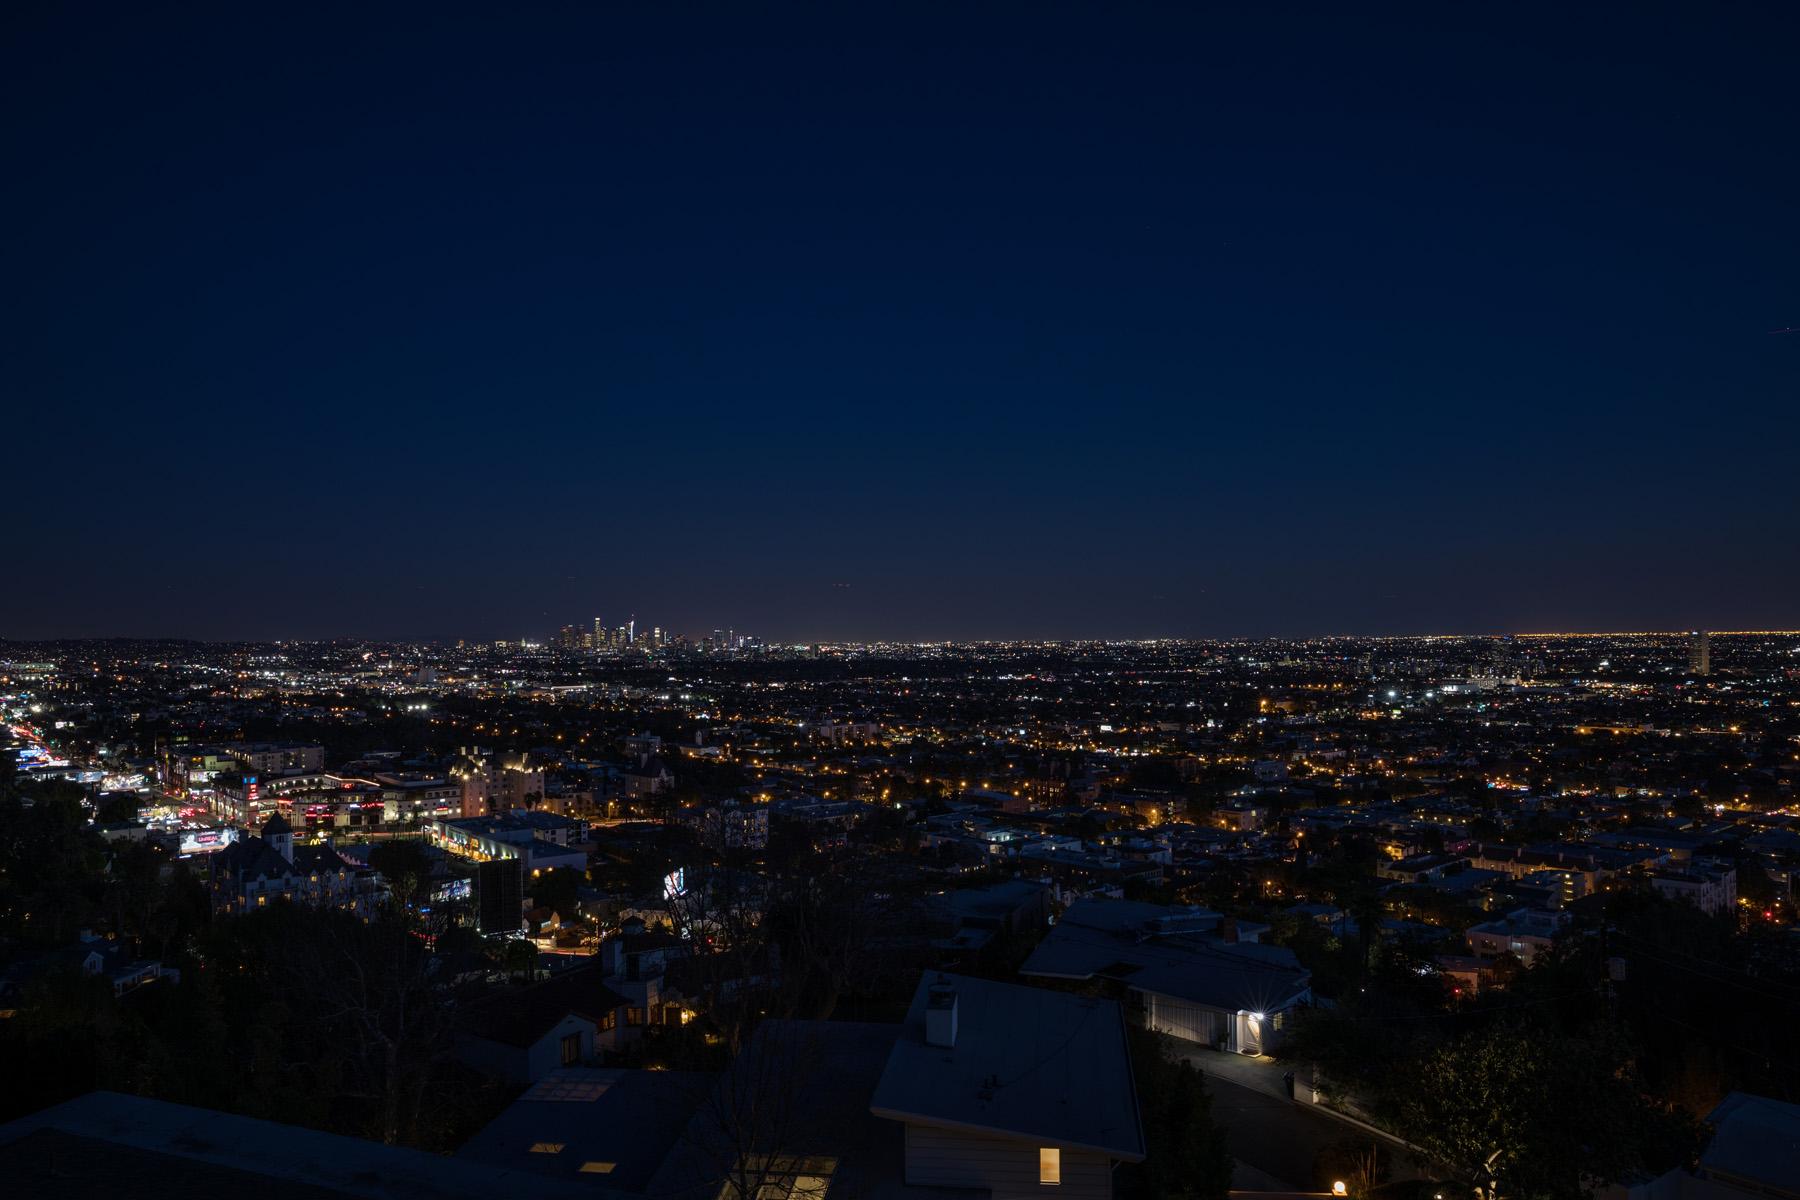 8366 Sunset View_021.jpg